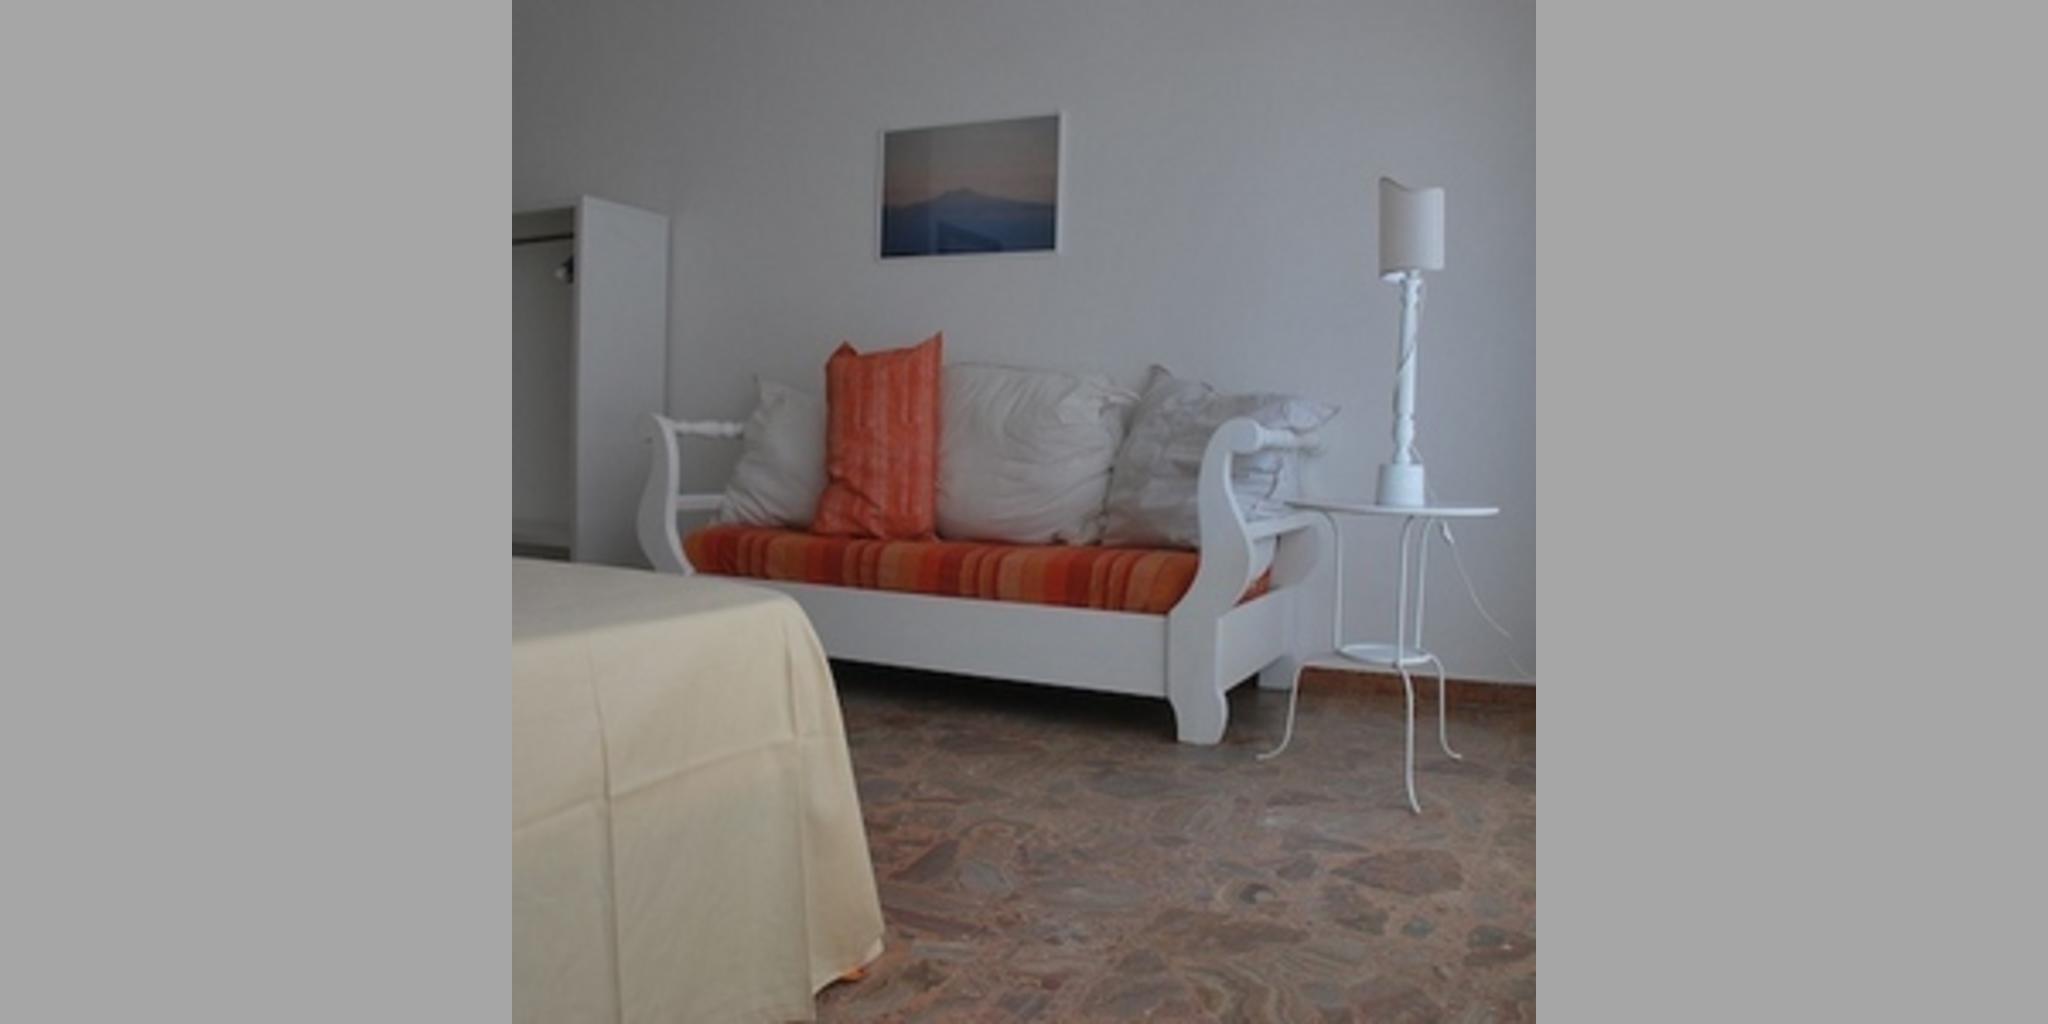 Guest House Reggio Di Calabria - Costa Fata Morgana